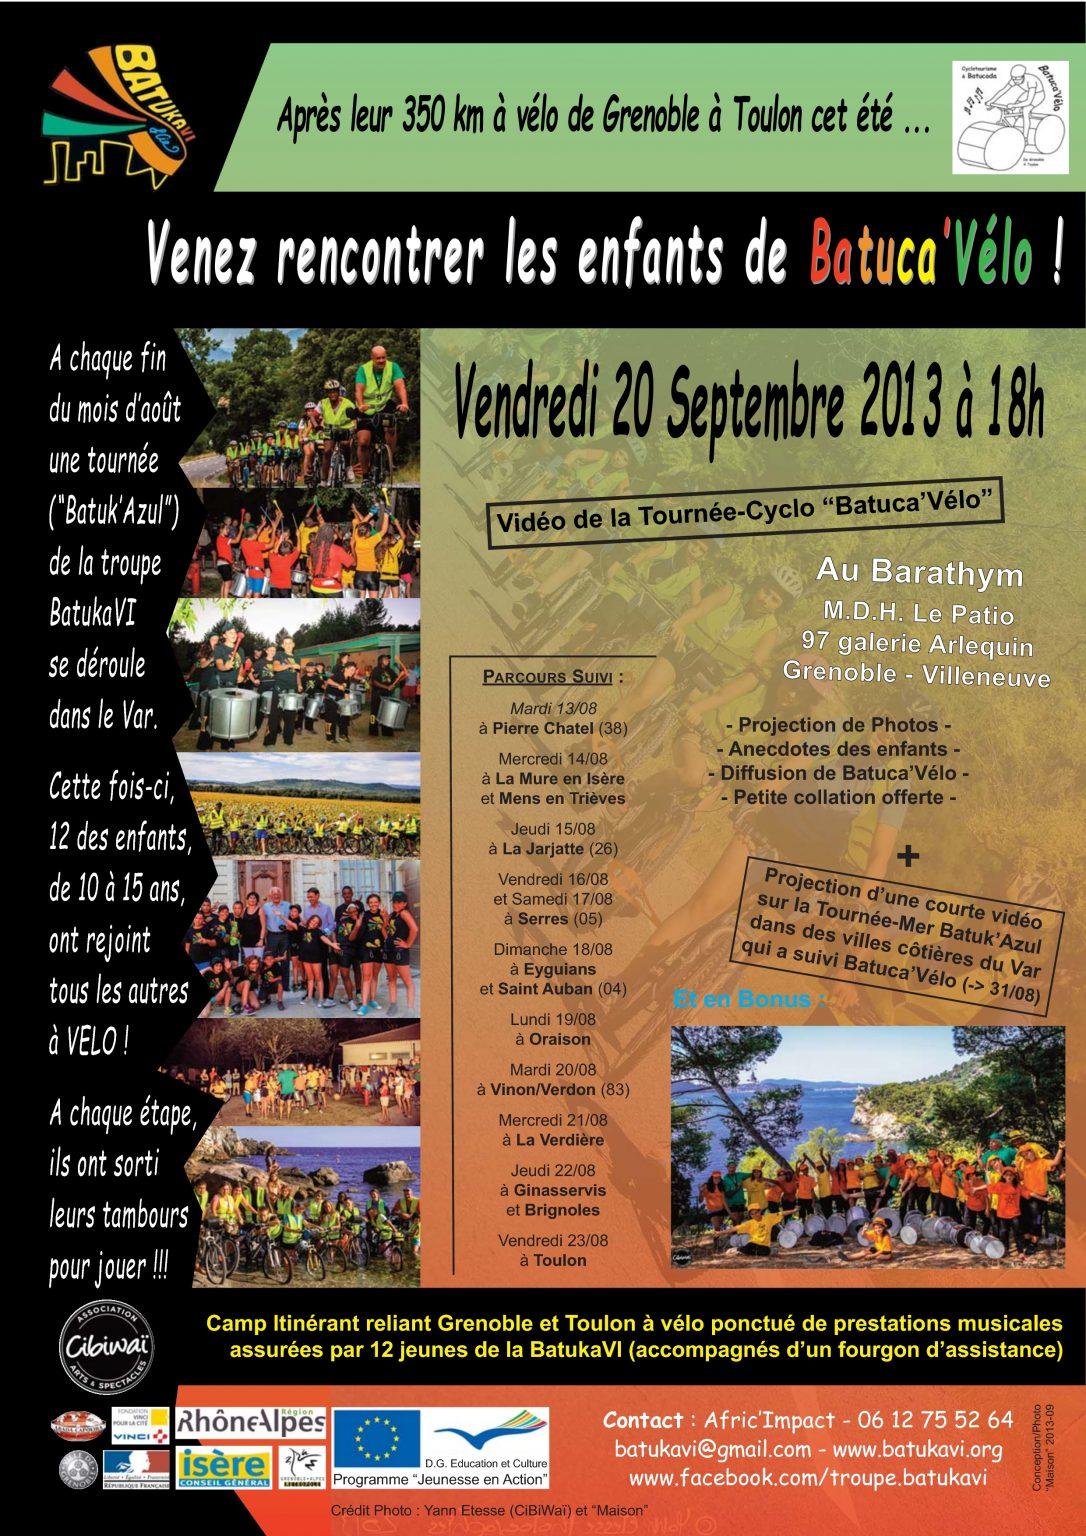 2013-09-01 Soirée Tournée-Cyclo Batuca'Vélo